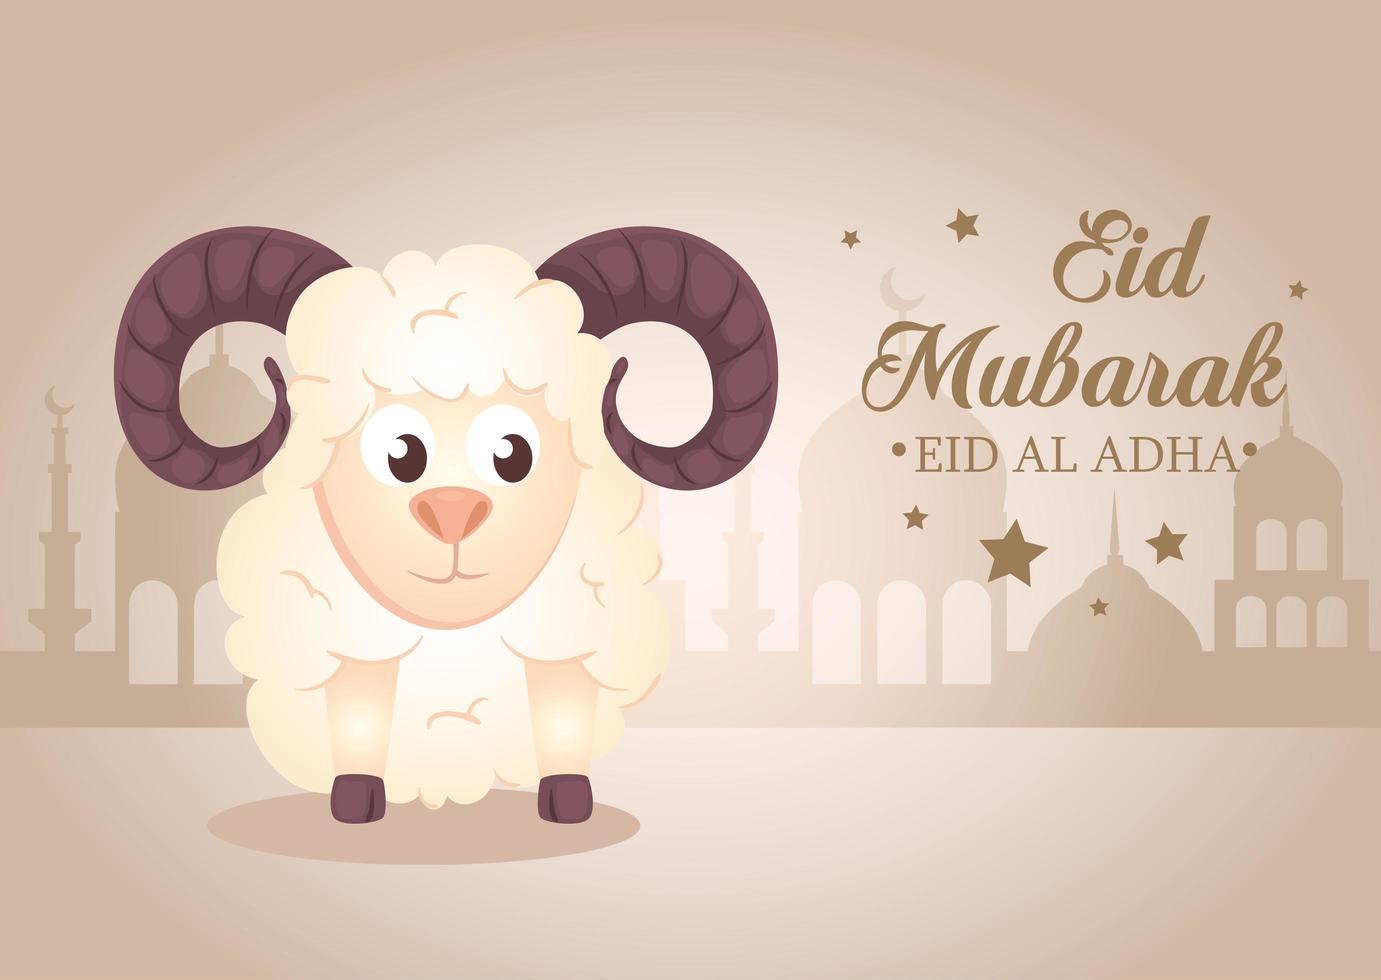 Celebração eid al adha mubarak com ovelhas vetor